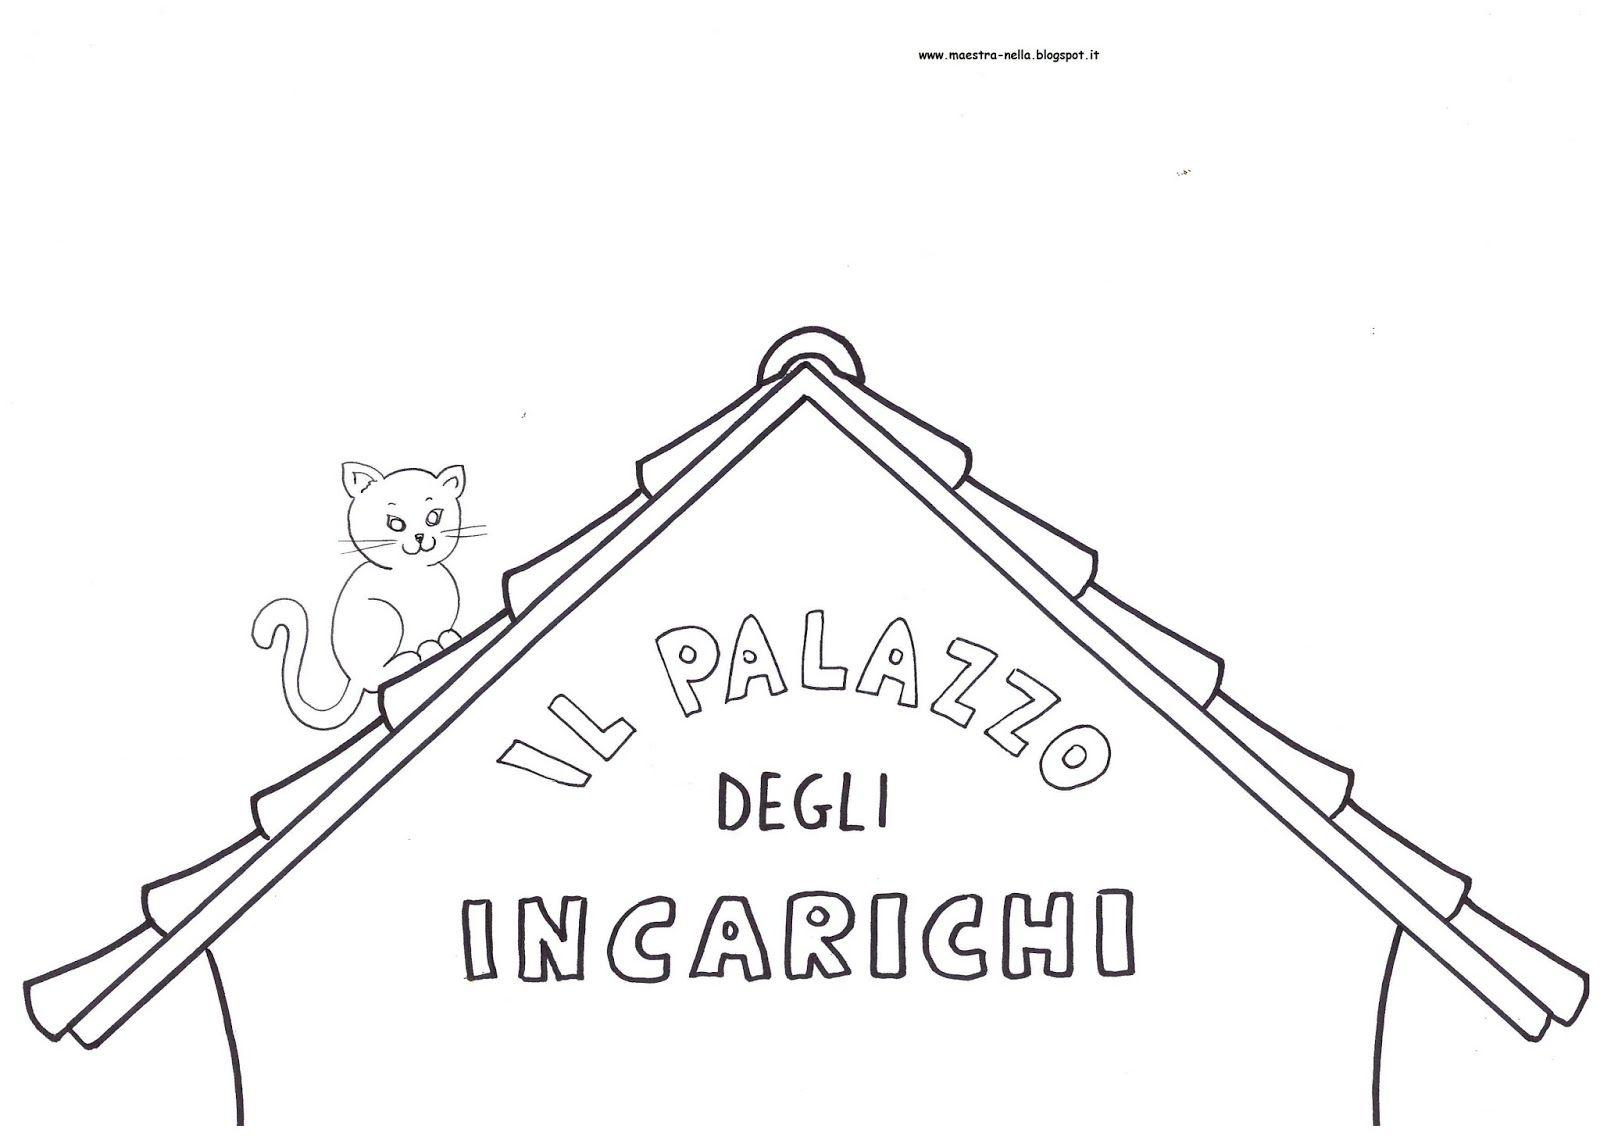 Preferenza maestra Nella: il palazzo degli incarichi | regole | Pinterest  FF18